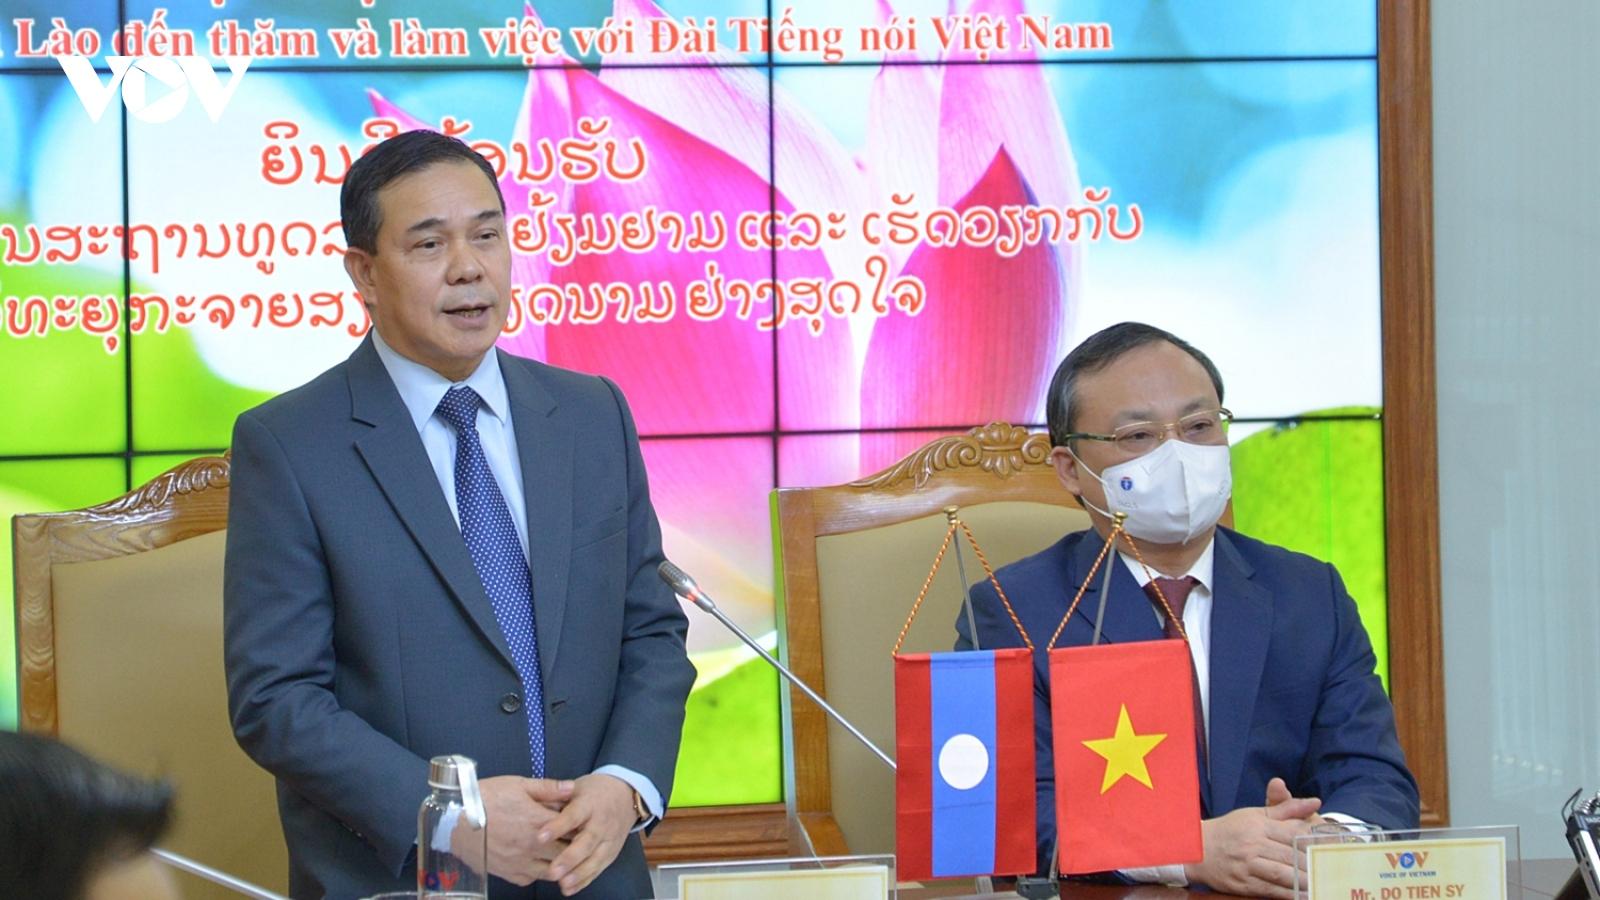 Đại sứ Lào tại Việt Nam đánh giá cao đóng góp của VOV cho quan hệ Việt-Lào